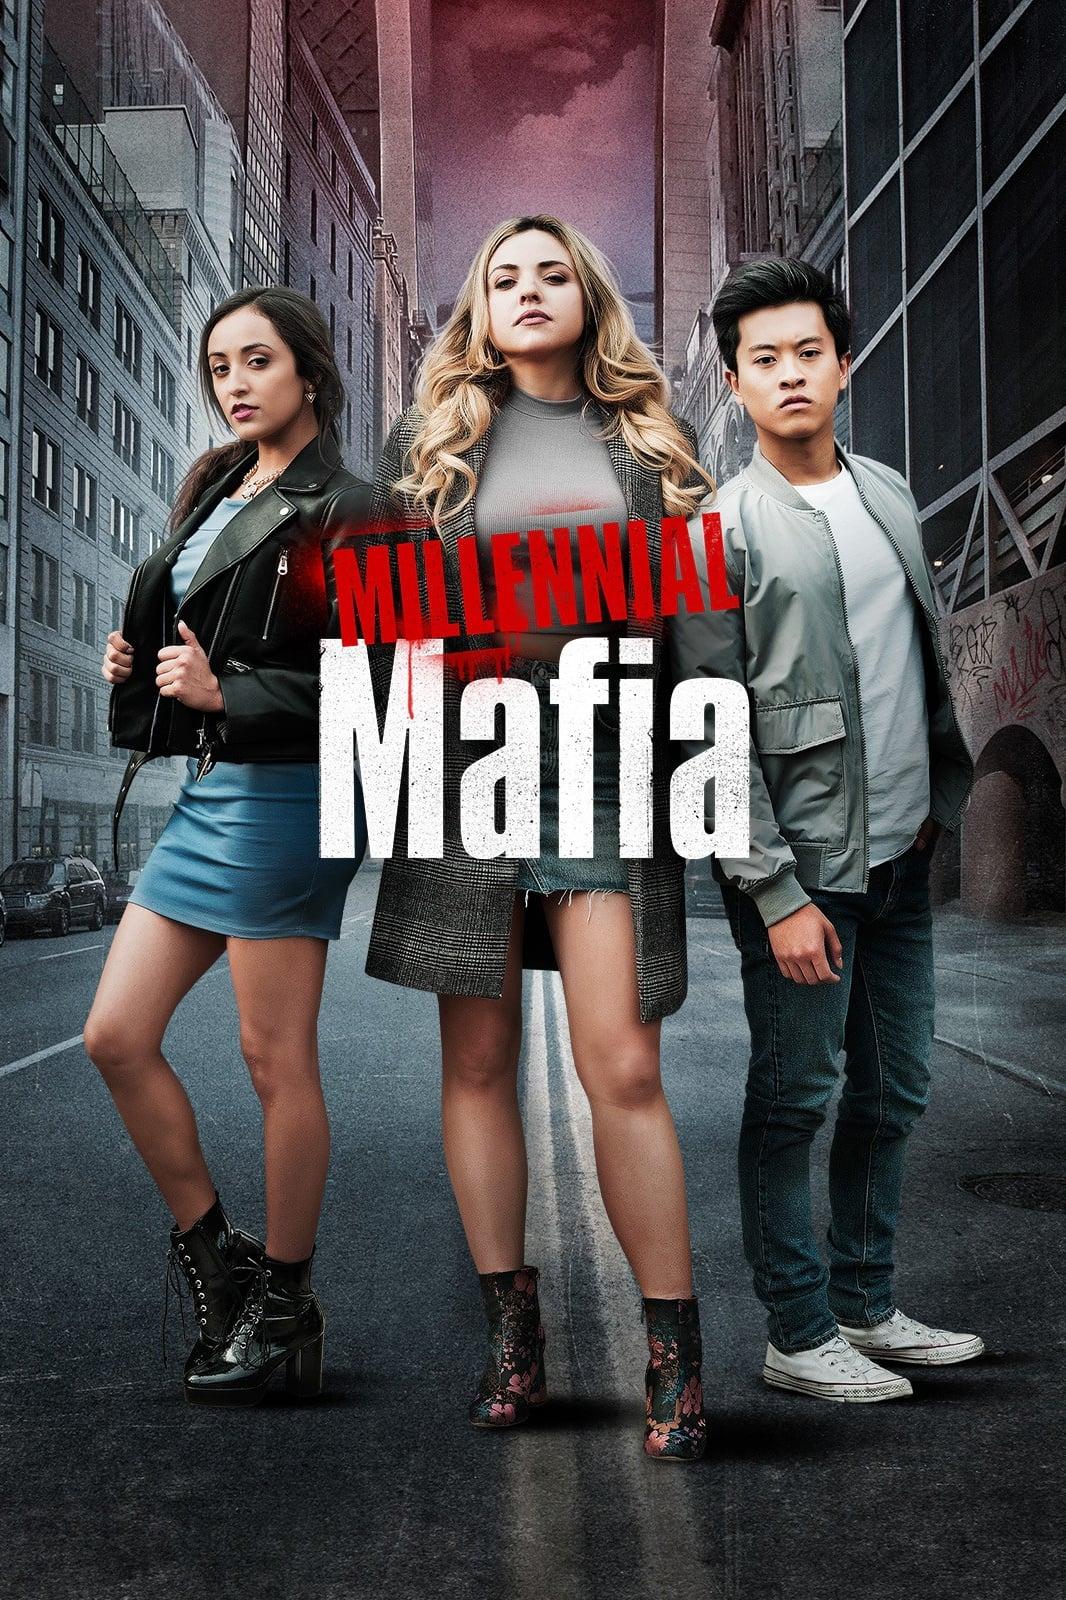 Millennial Mafia (2019)